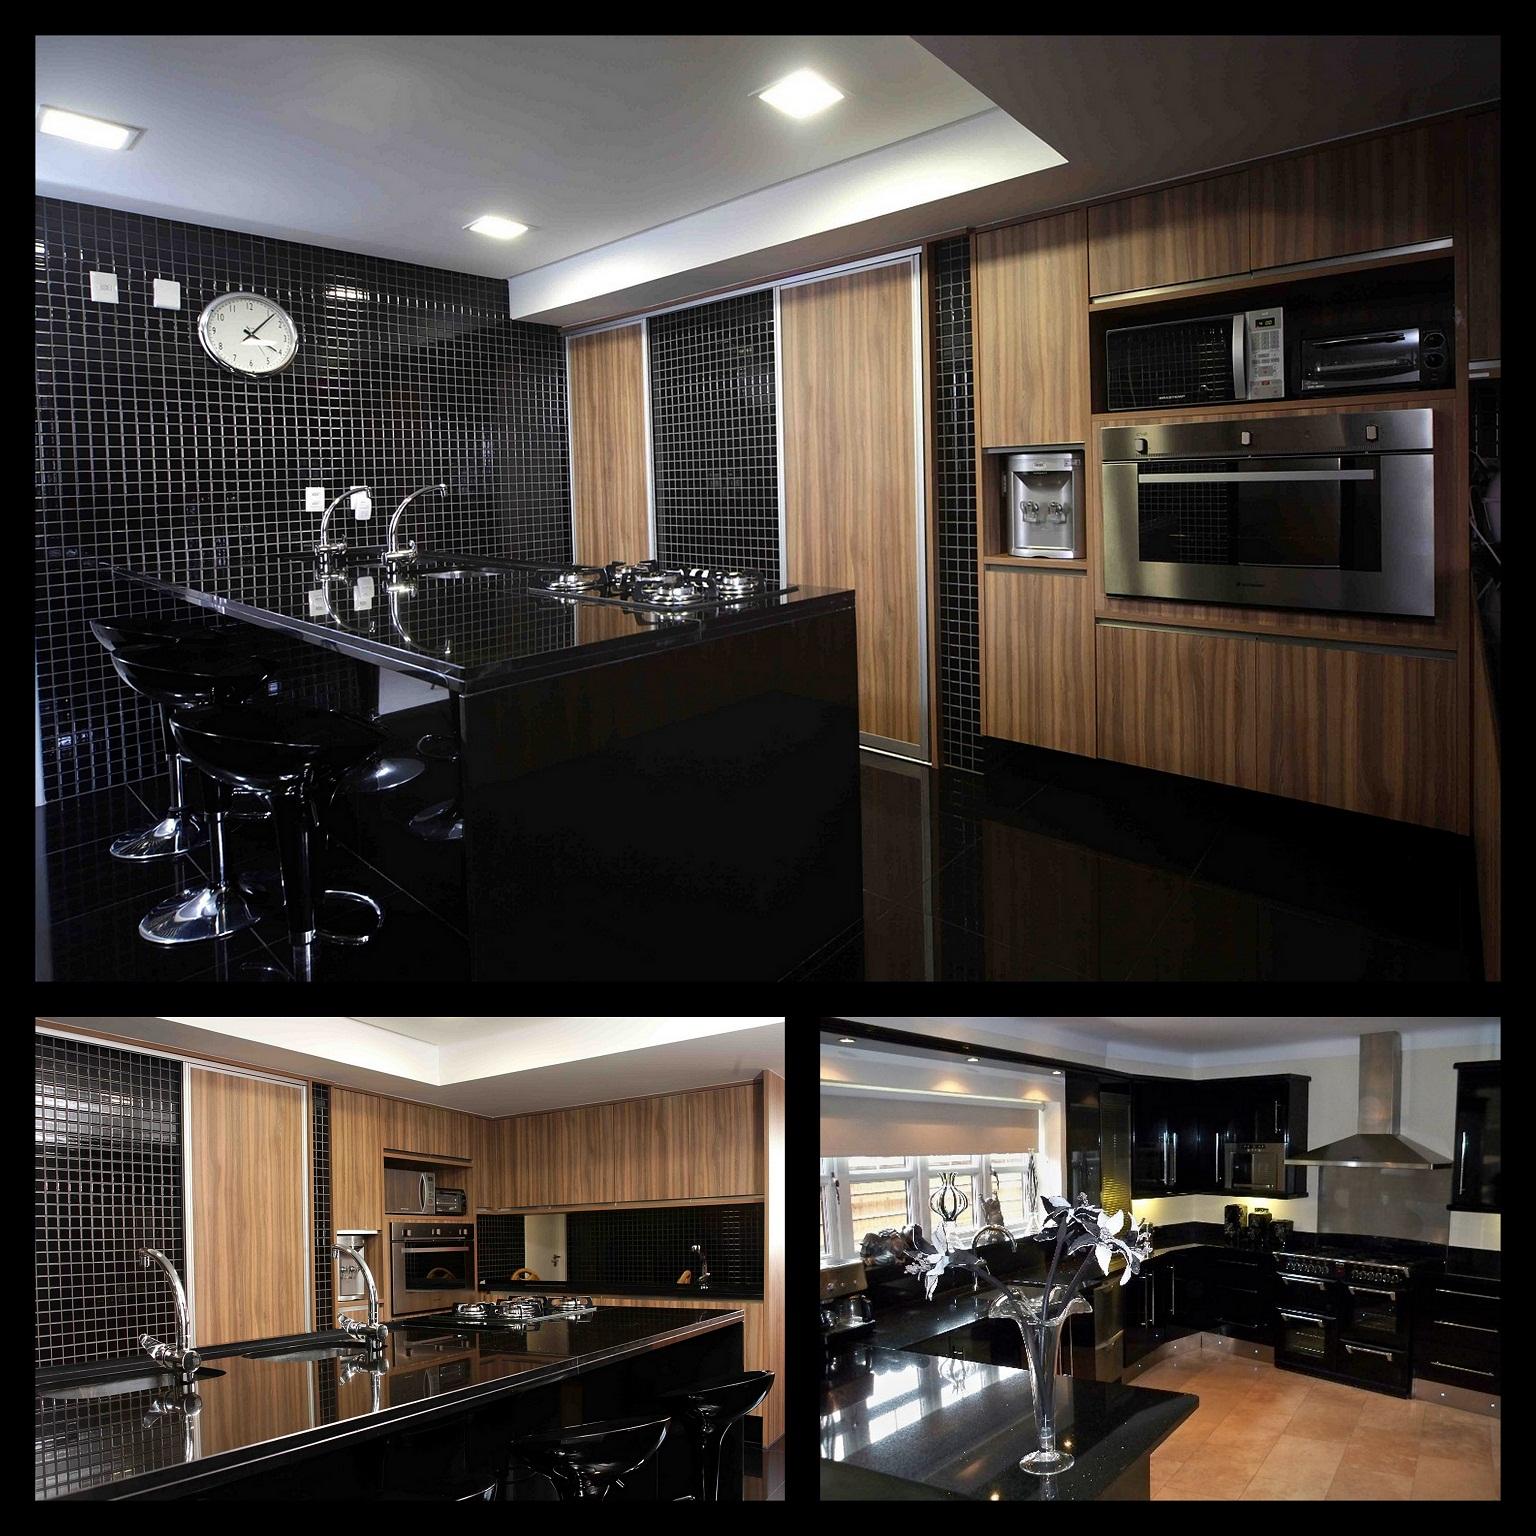 Um estudio de decoracoes.: Cozinha Preta/Sala estar com cimento  #90613B 1536 1536